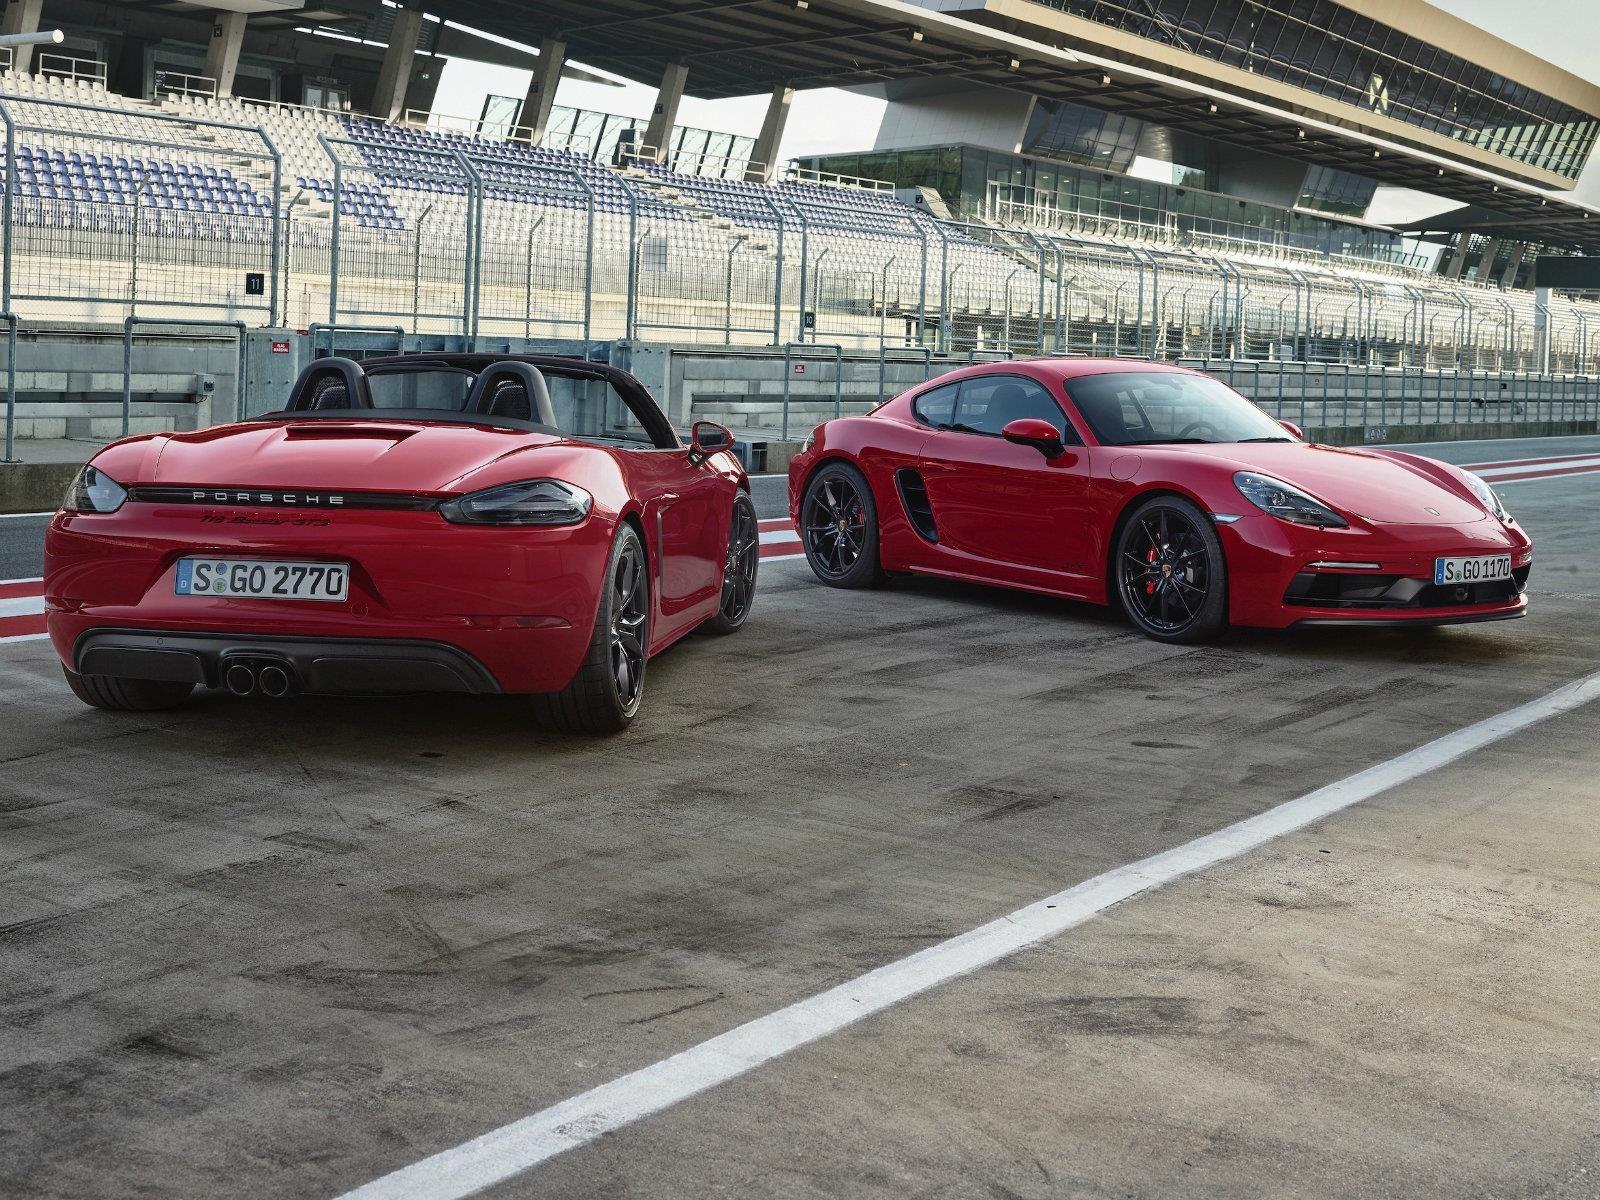 Porsche 718 Boxster GTS y 718 Cayman GTS llegan con más potencia y equipamiento